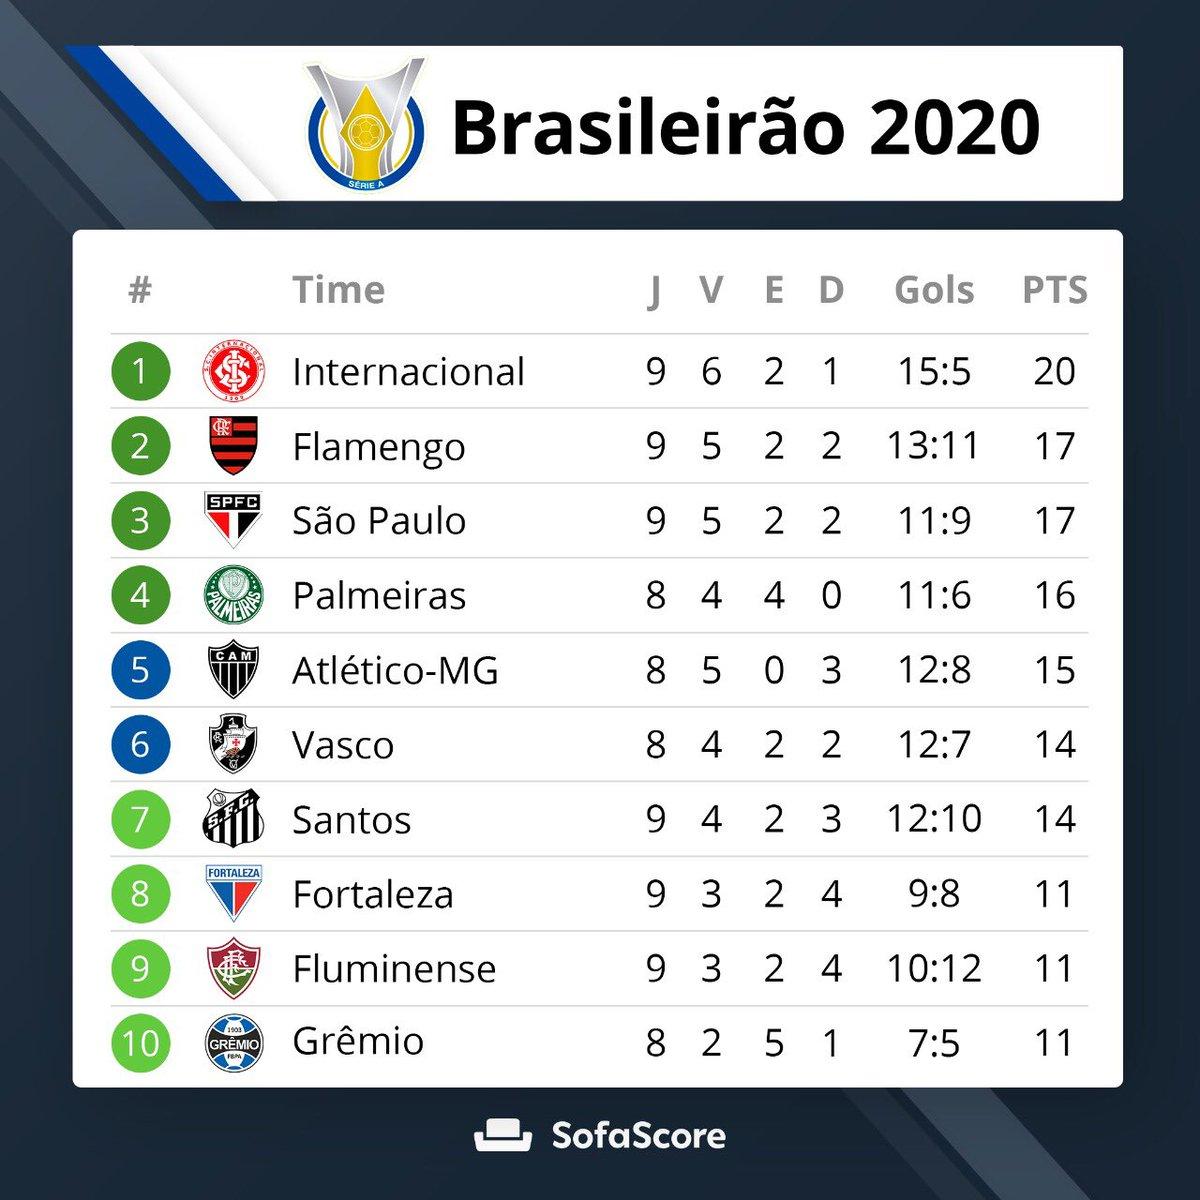 Futebol Pelo Mundo On Twitter Classificacao Do Brasileirao Apos Os Jogos De Ontem Internacional Flamengo Sao Paulo E Palmeiras Estao No G 4 Athletico Coritiba Red Bull Bragantino E Goias Estao No Z 4